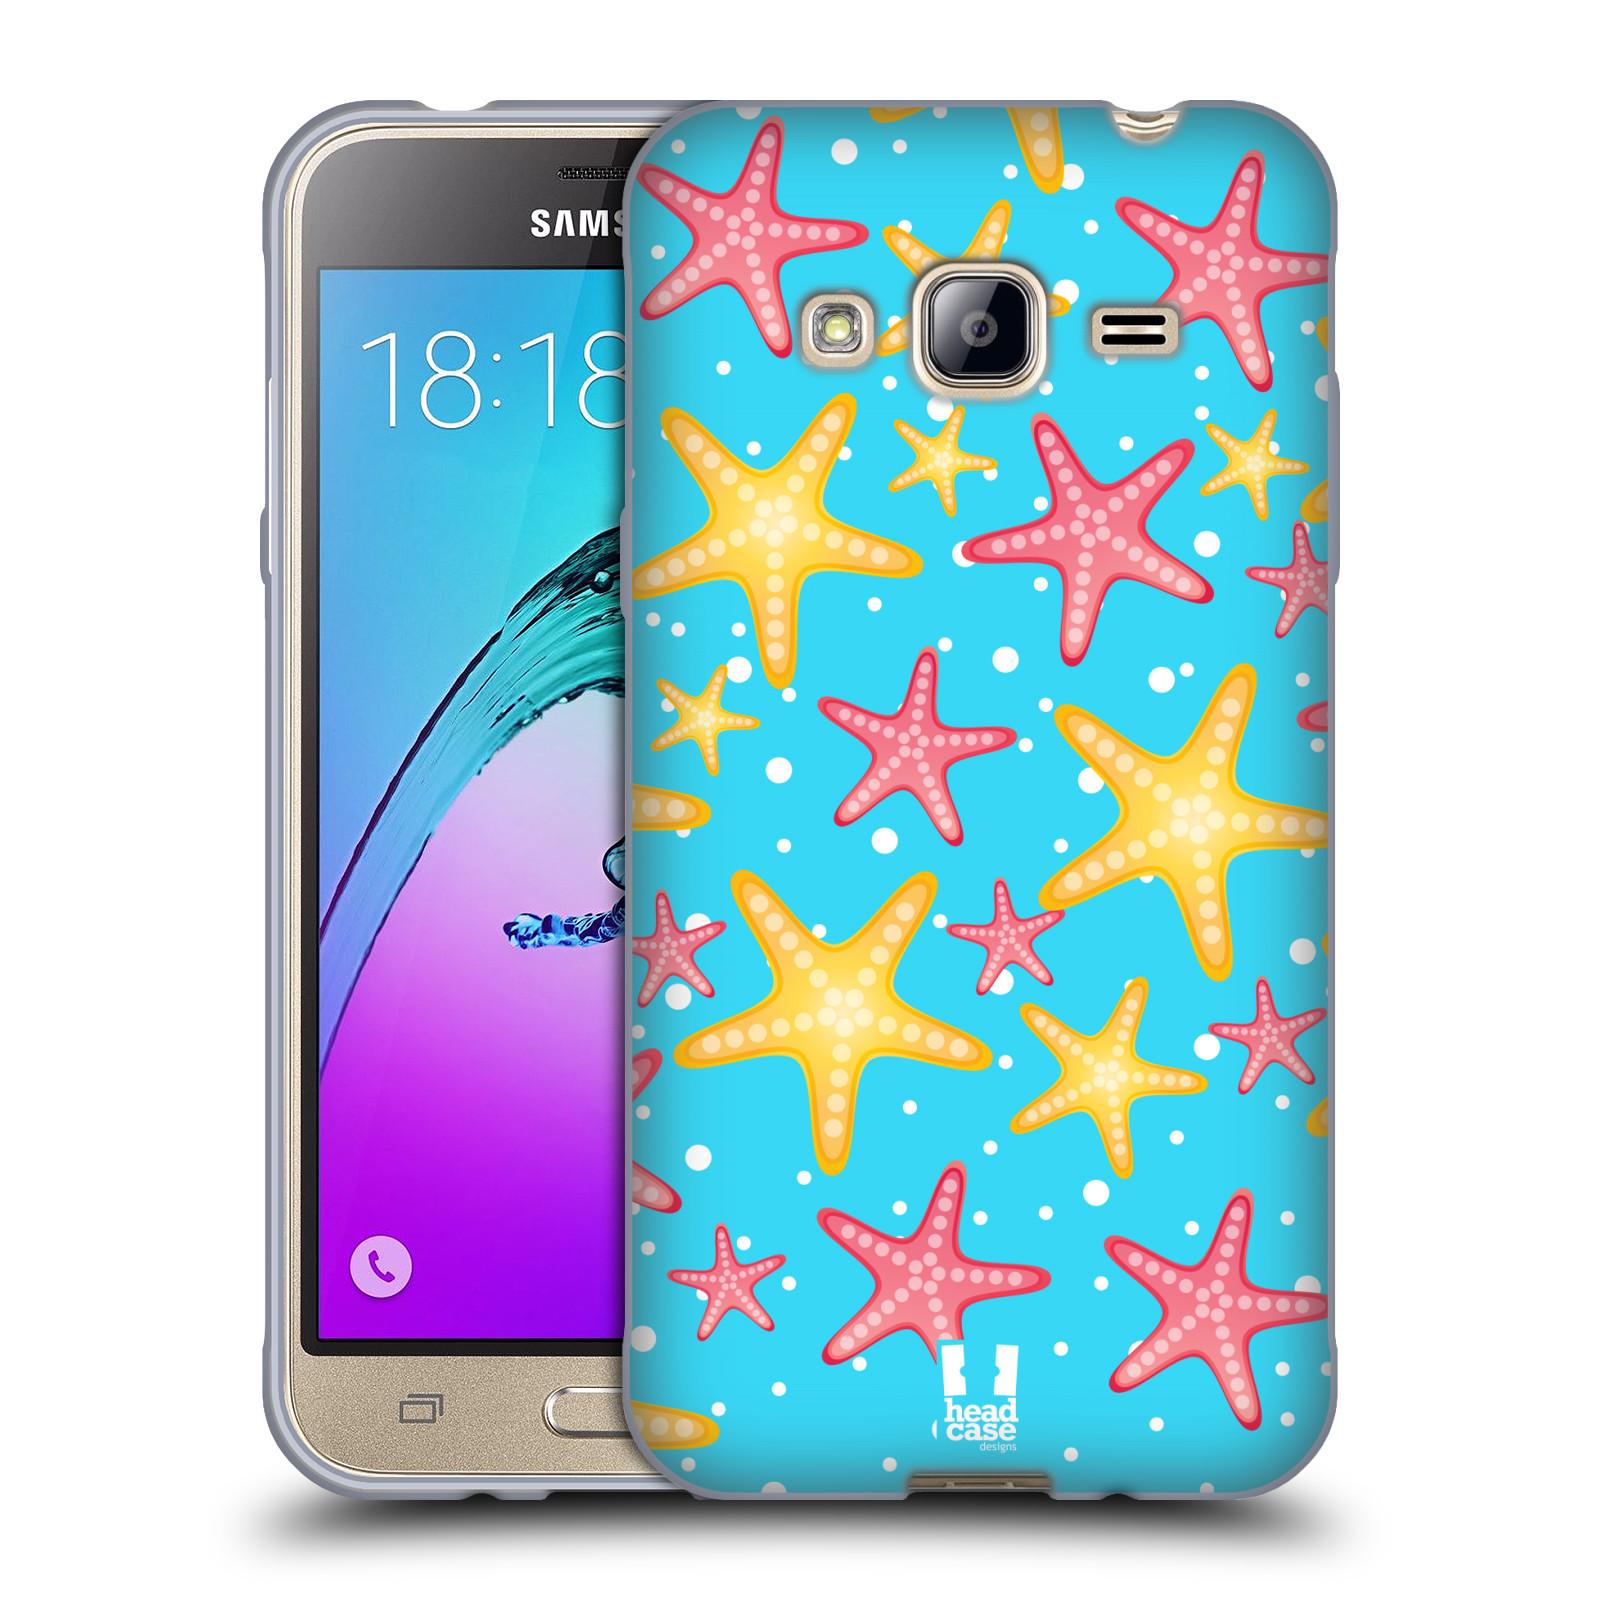 HEAD CASE silikonový obal na mobil Samsung Galaxy J3, J3 2016 vzor mořský živočich hvězda